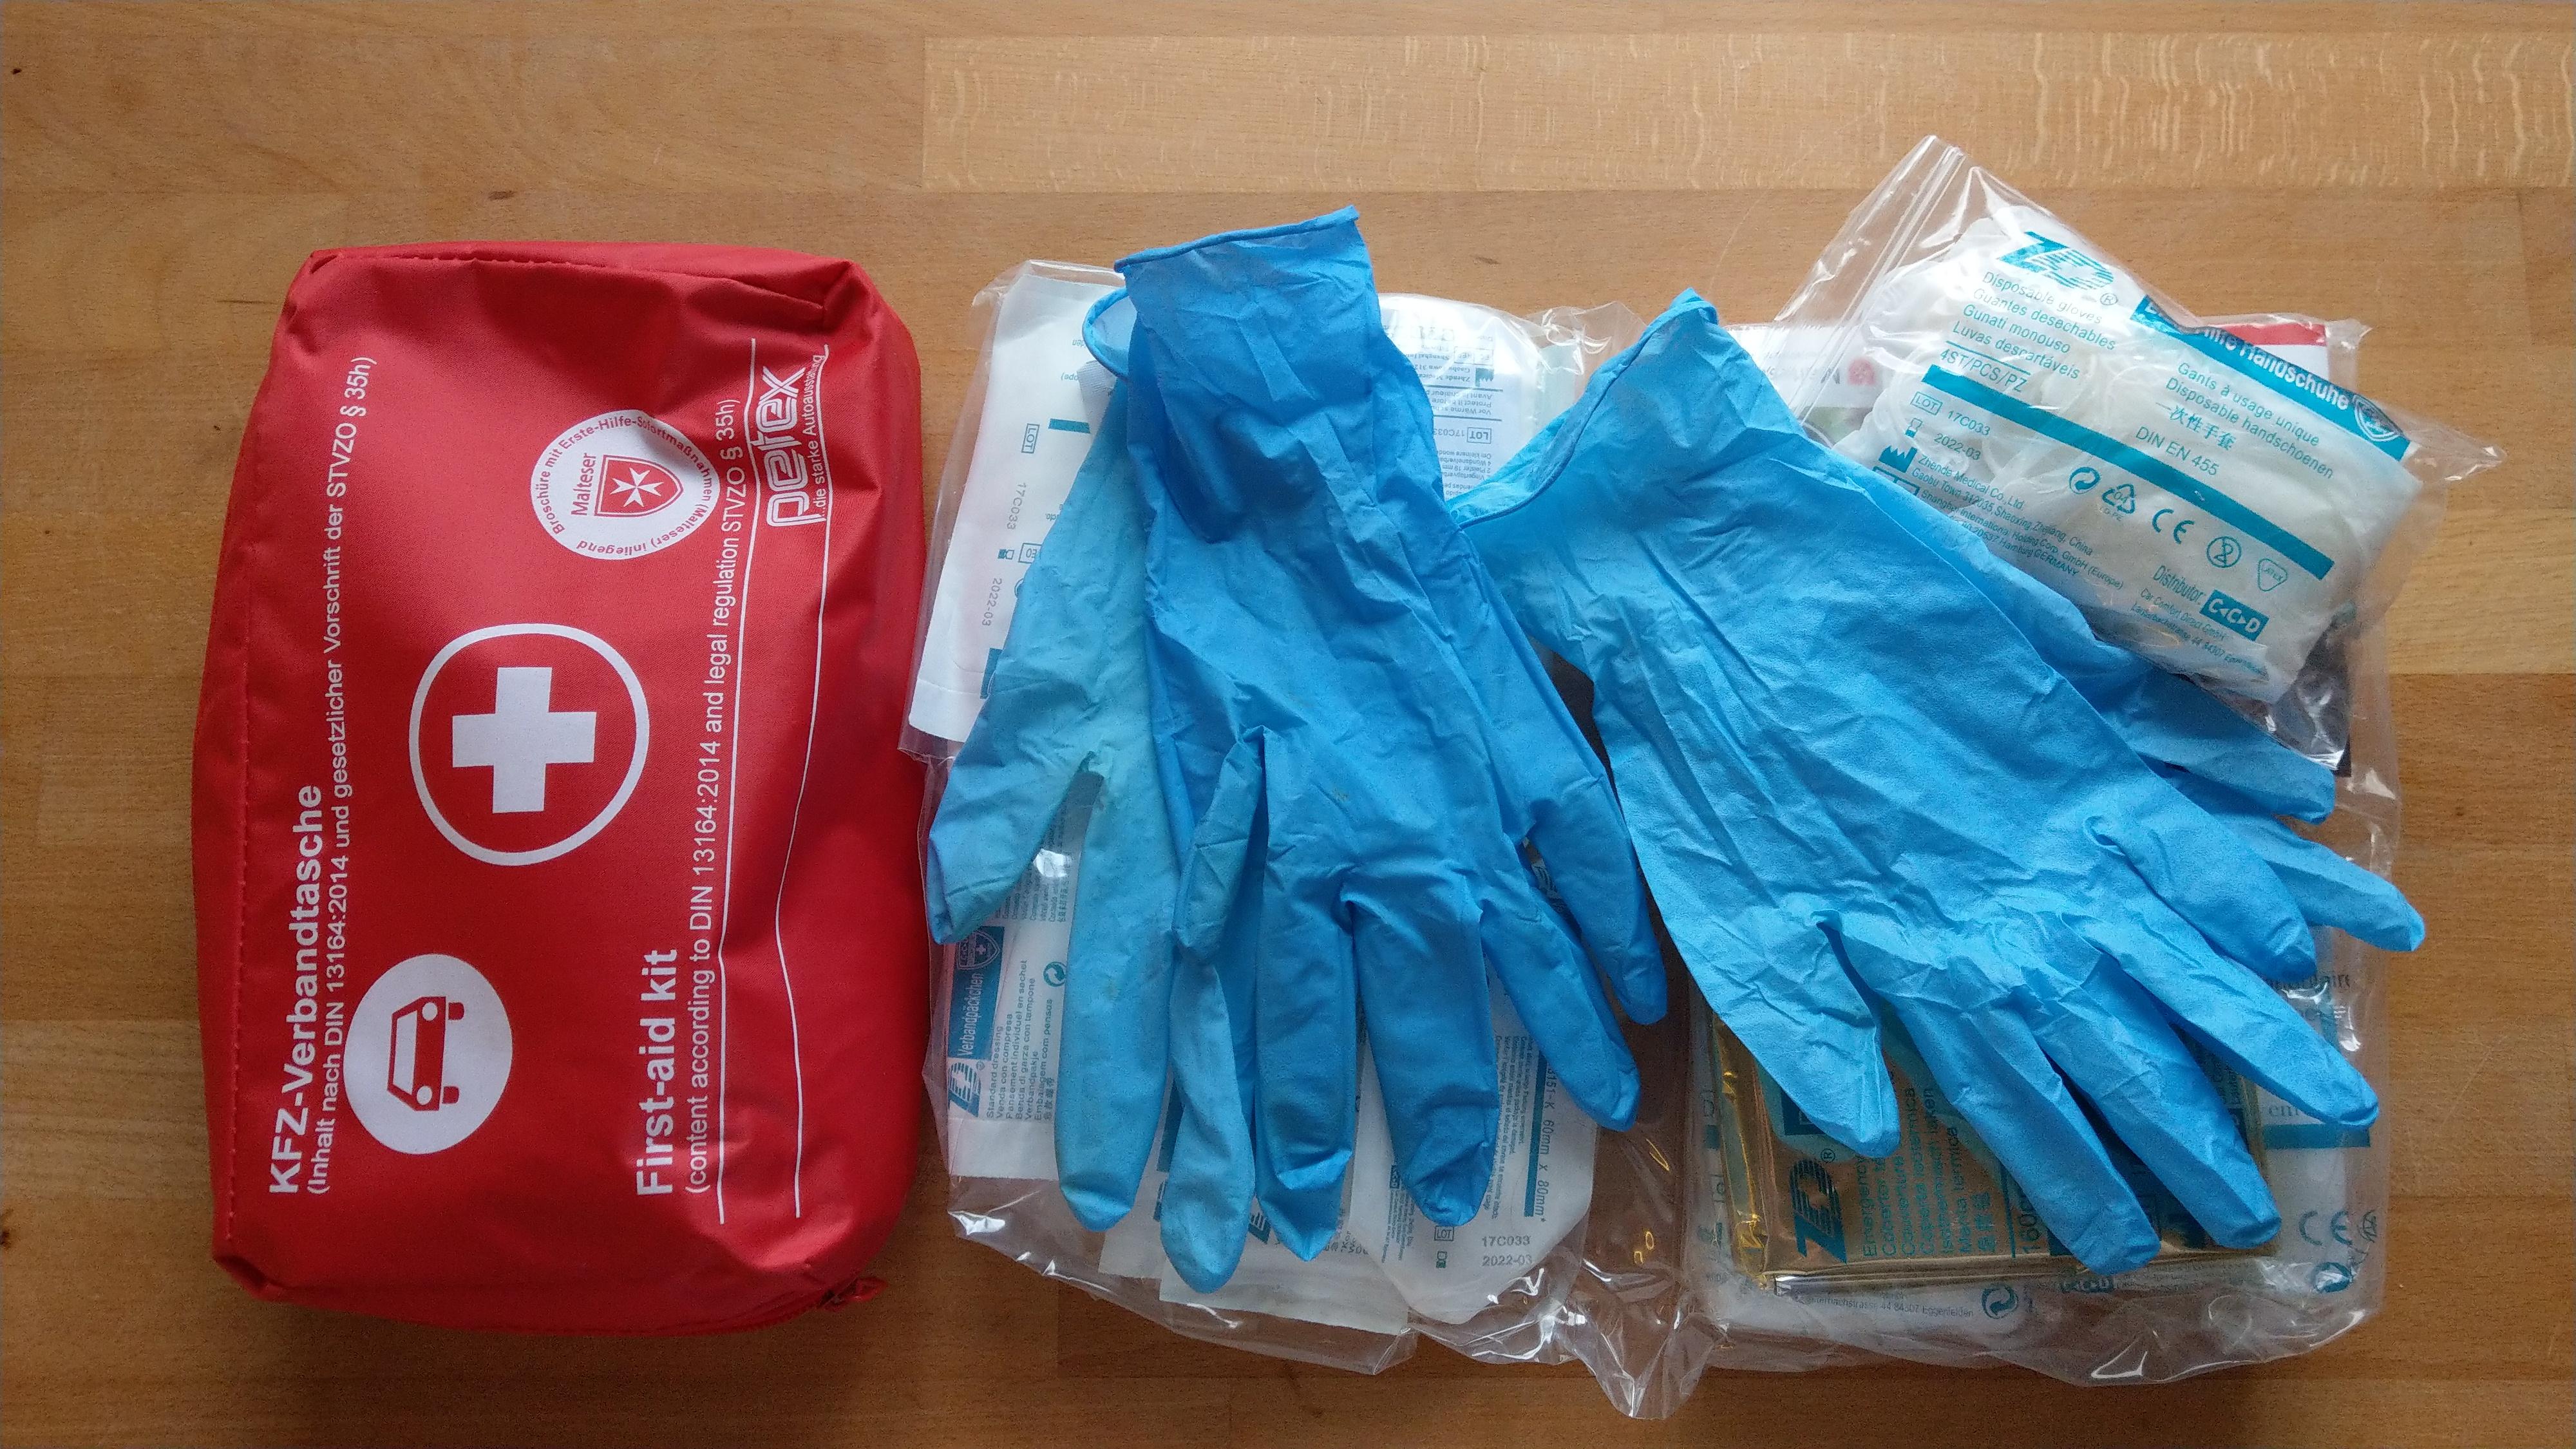 Verbandskasten mit Handschuhen